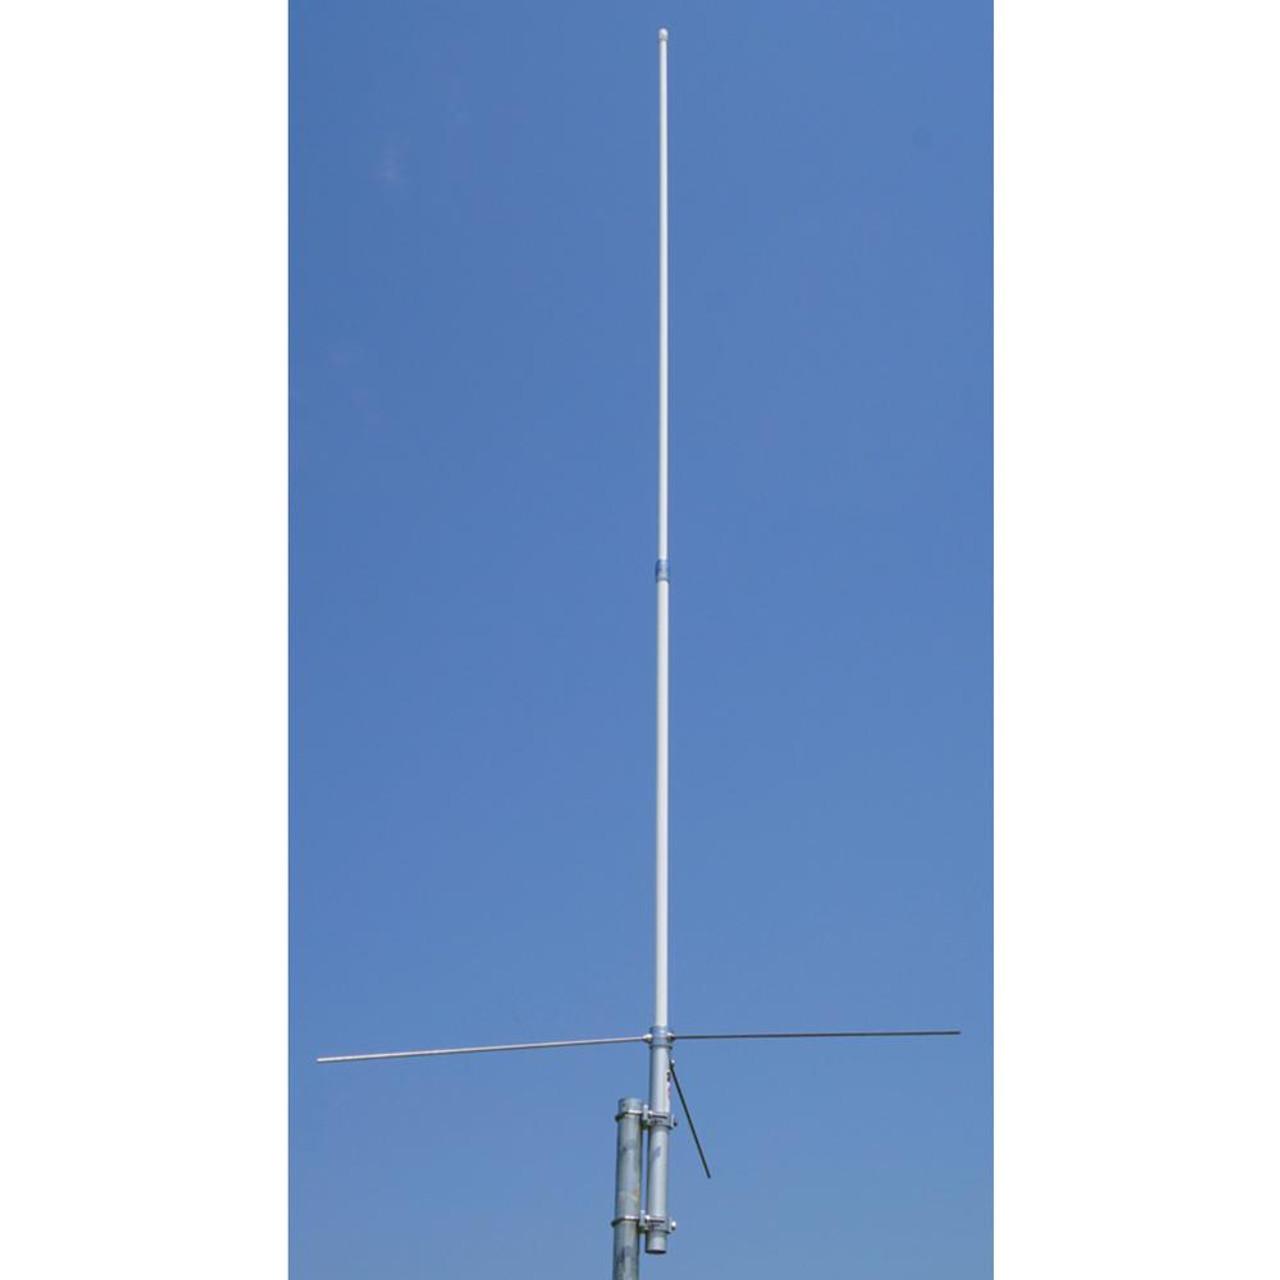 NEW TRAMCB Radio Marine Antenna